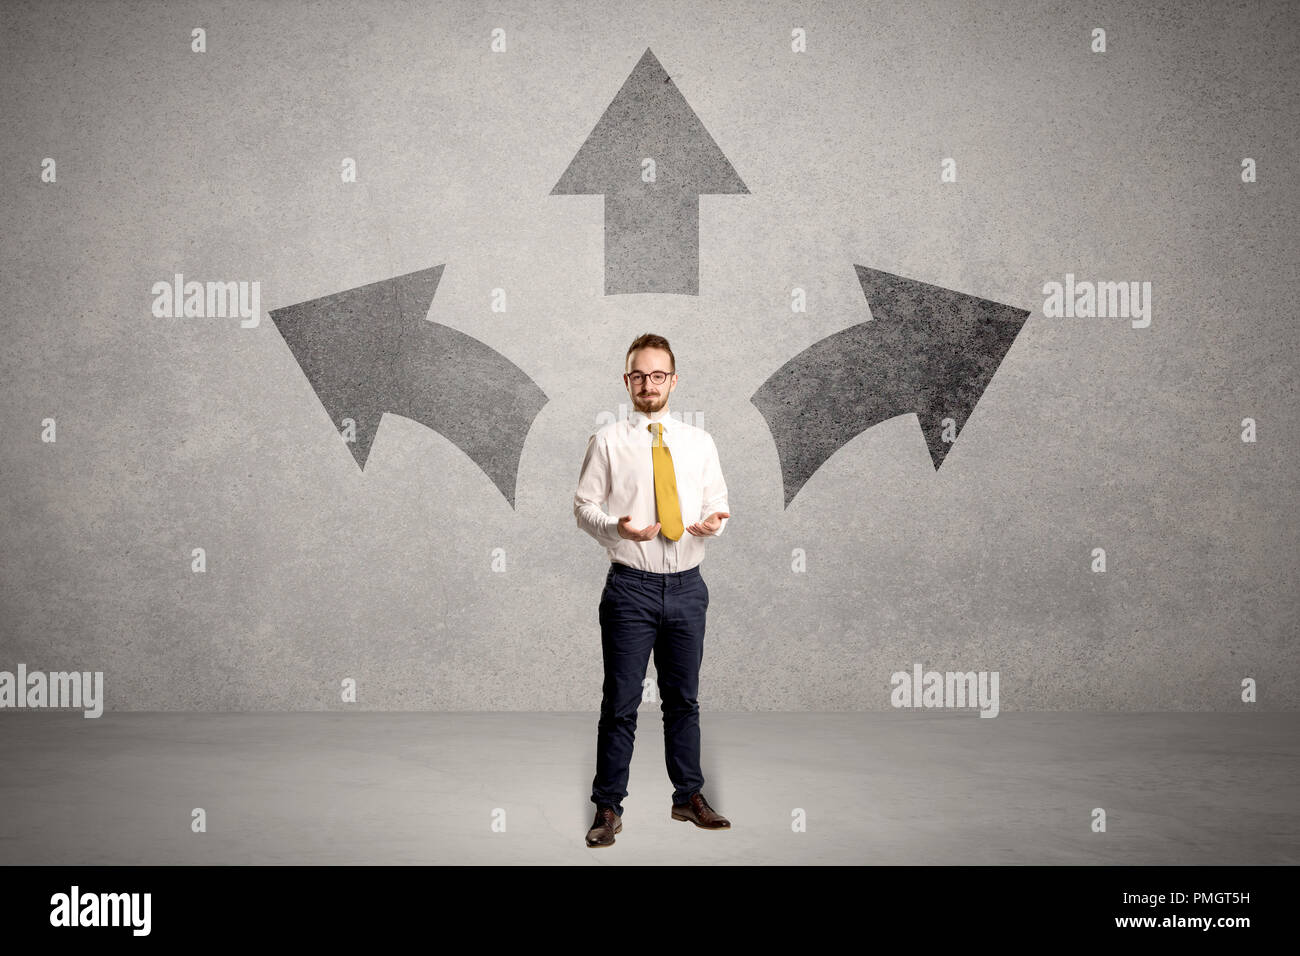 Affascinante imprenditore nel dubbio, scegliendo tra tre direzioni di fronte a un muro grigio Immagini Stock